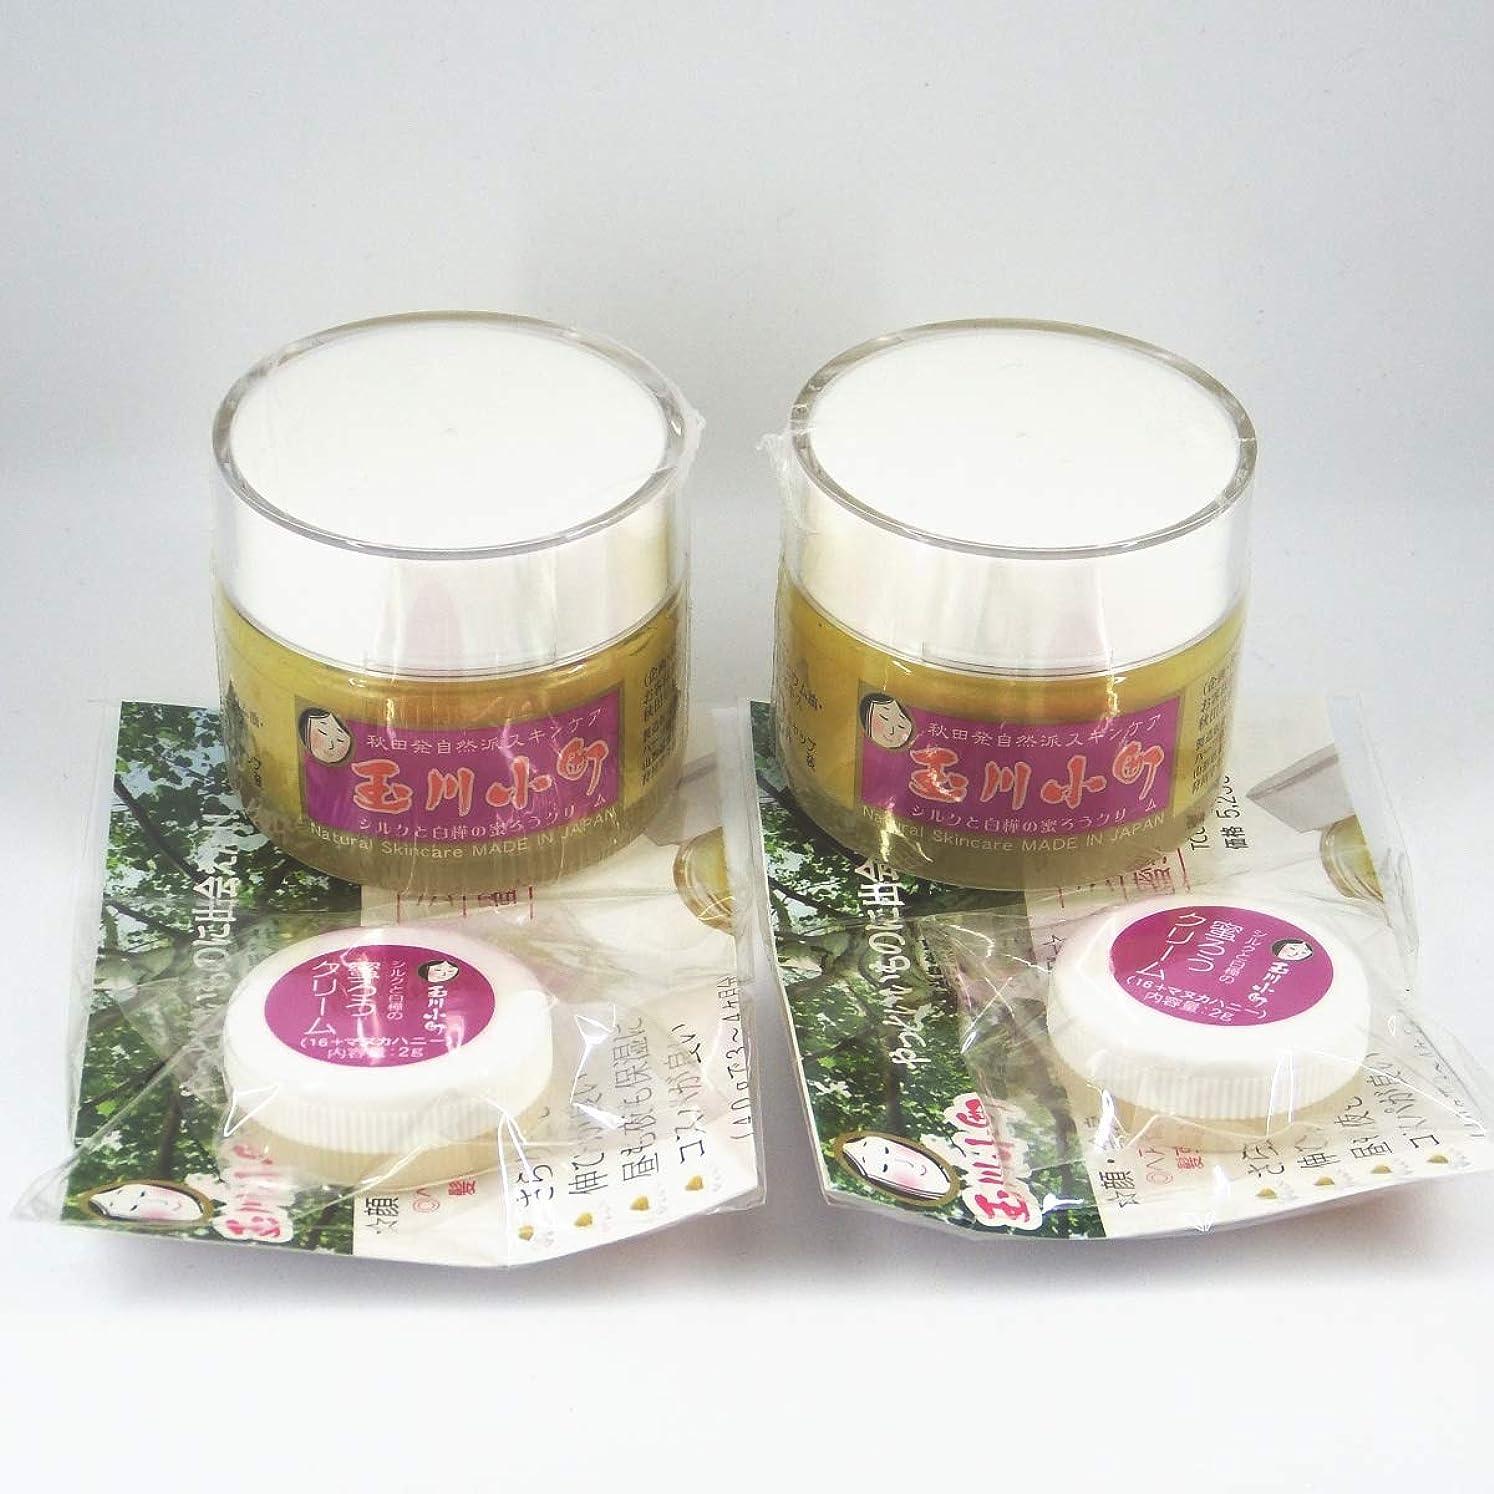 ジェットさせる遠征玉川小町シルクと白樺の蜜ろうクリーム 2g×2個付お得セット